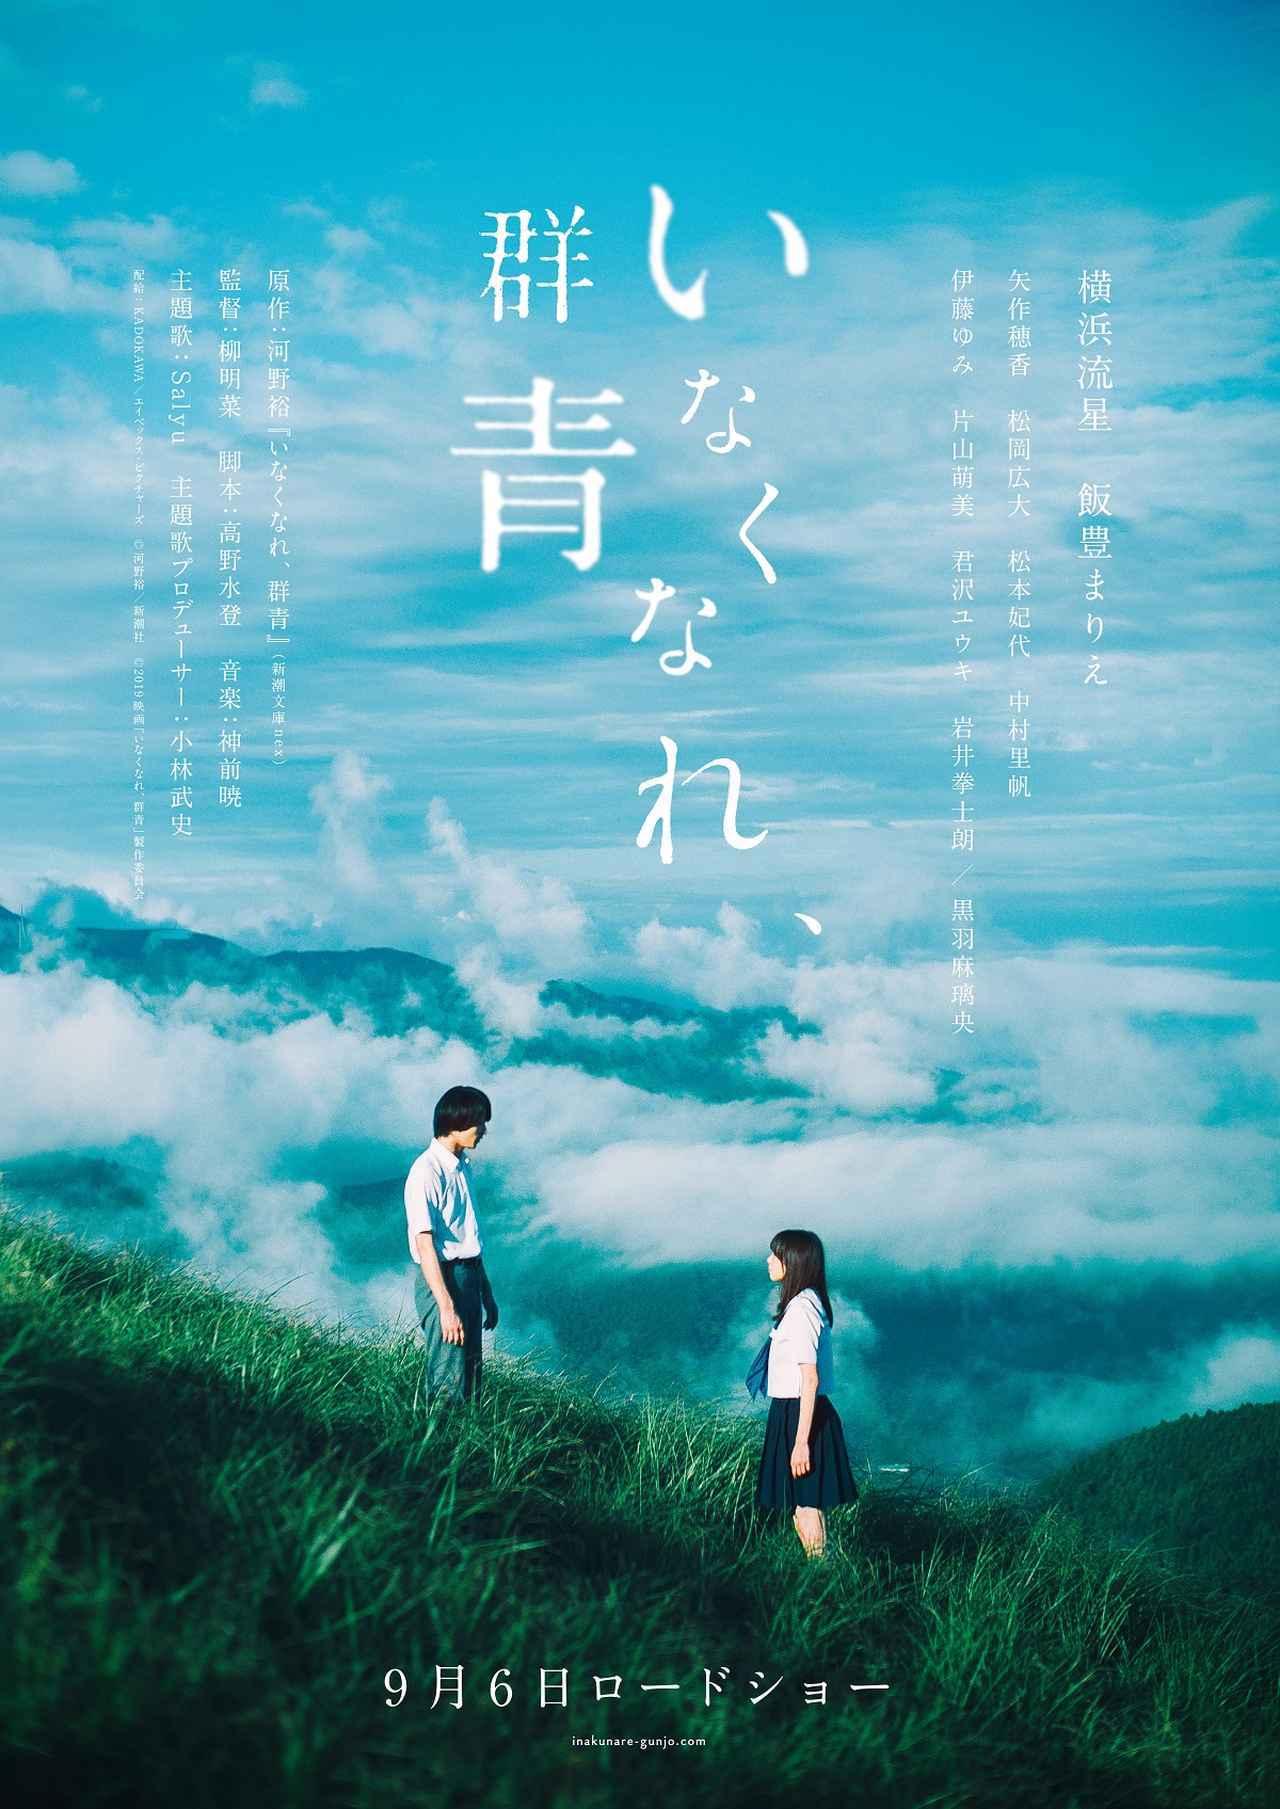 画像: (C)河野裕/新潮社 (C) 2019映画「いなくなれ、群青」製作委員会